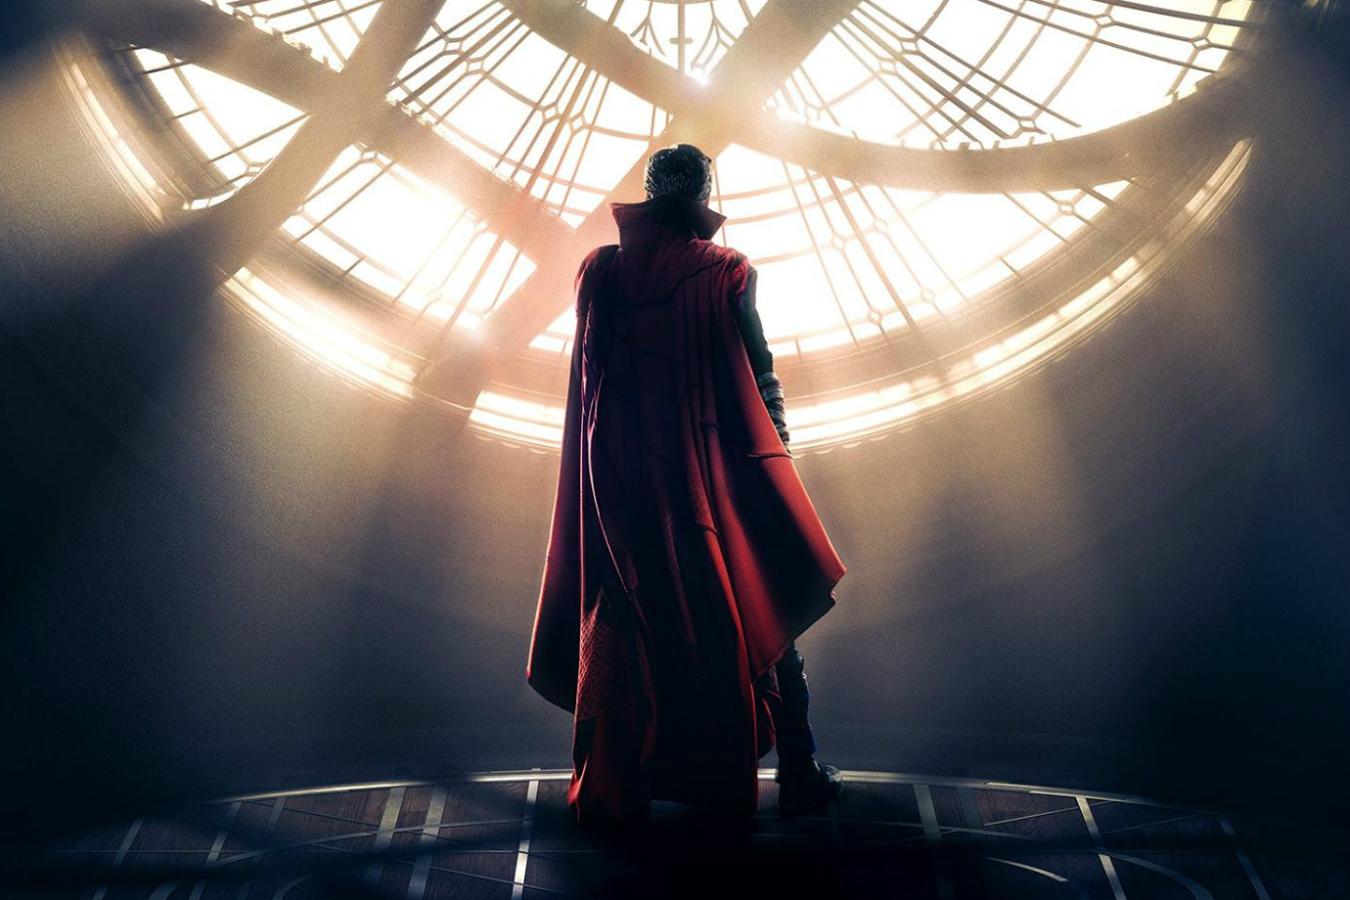 doctor-strange-teaser-poster.jpg